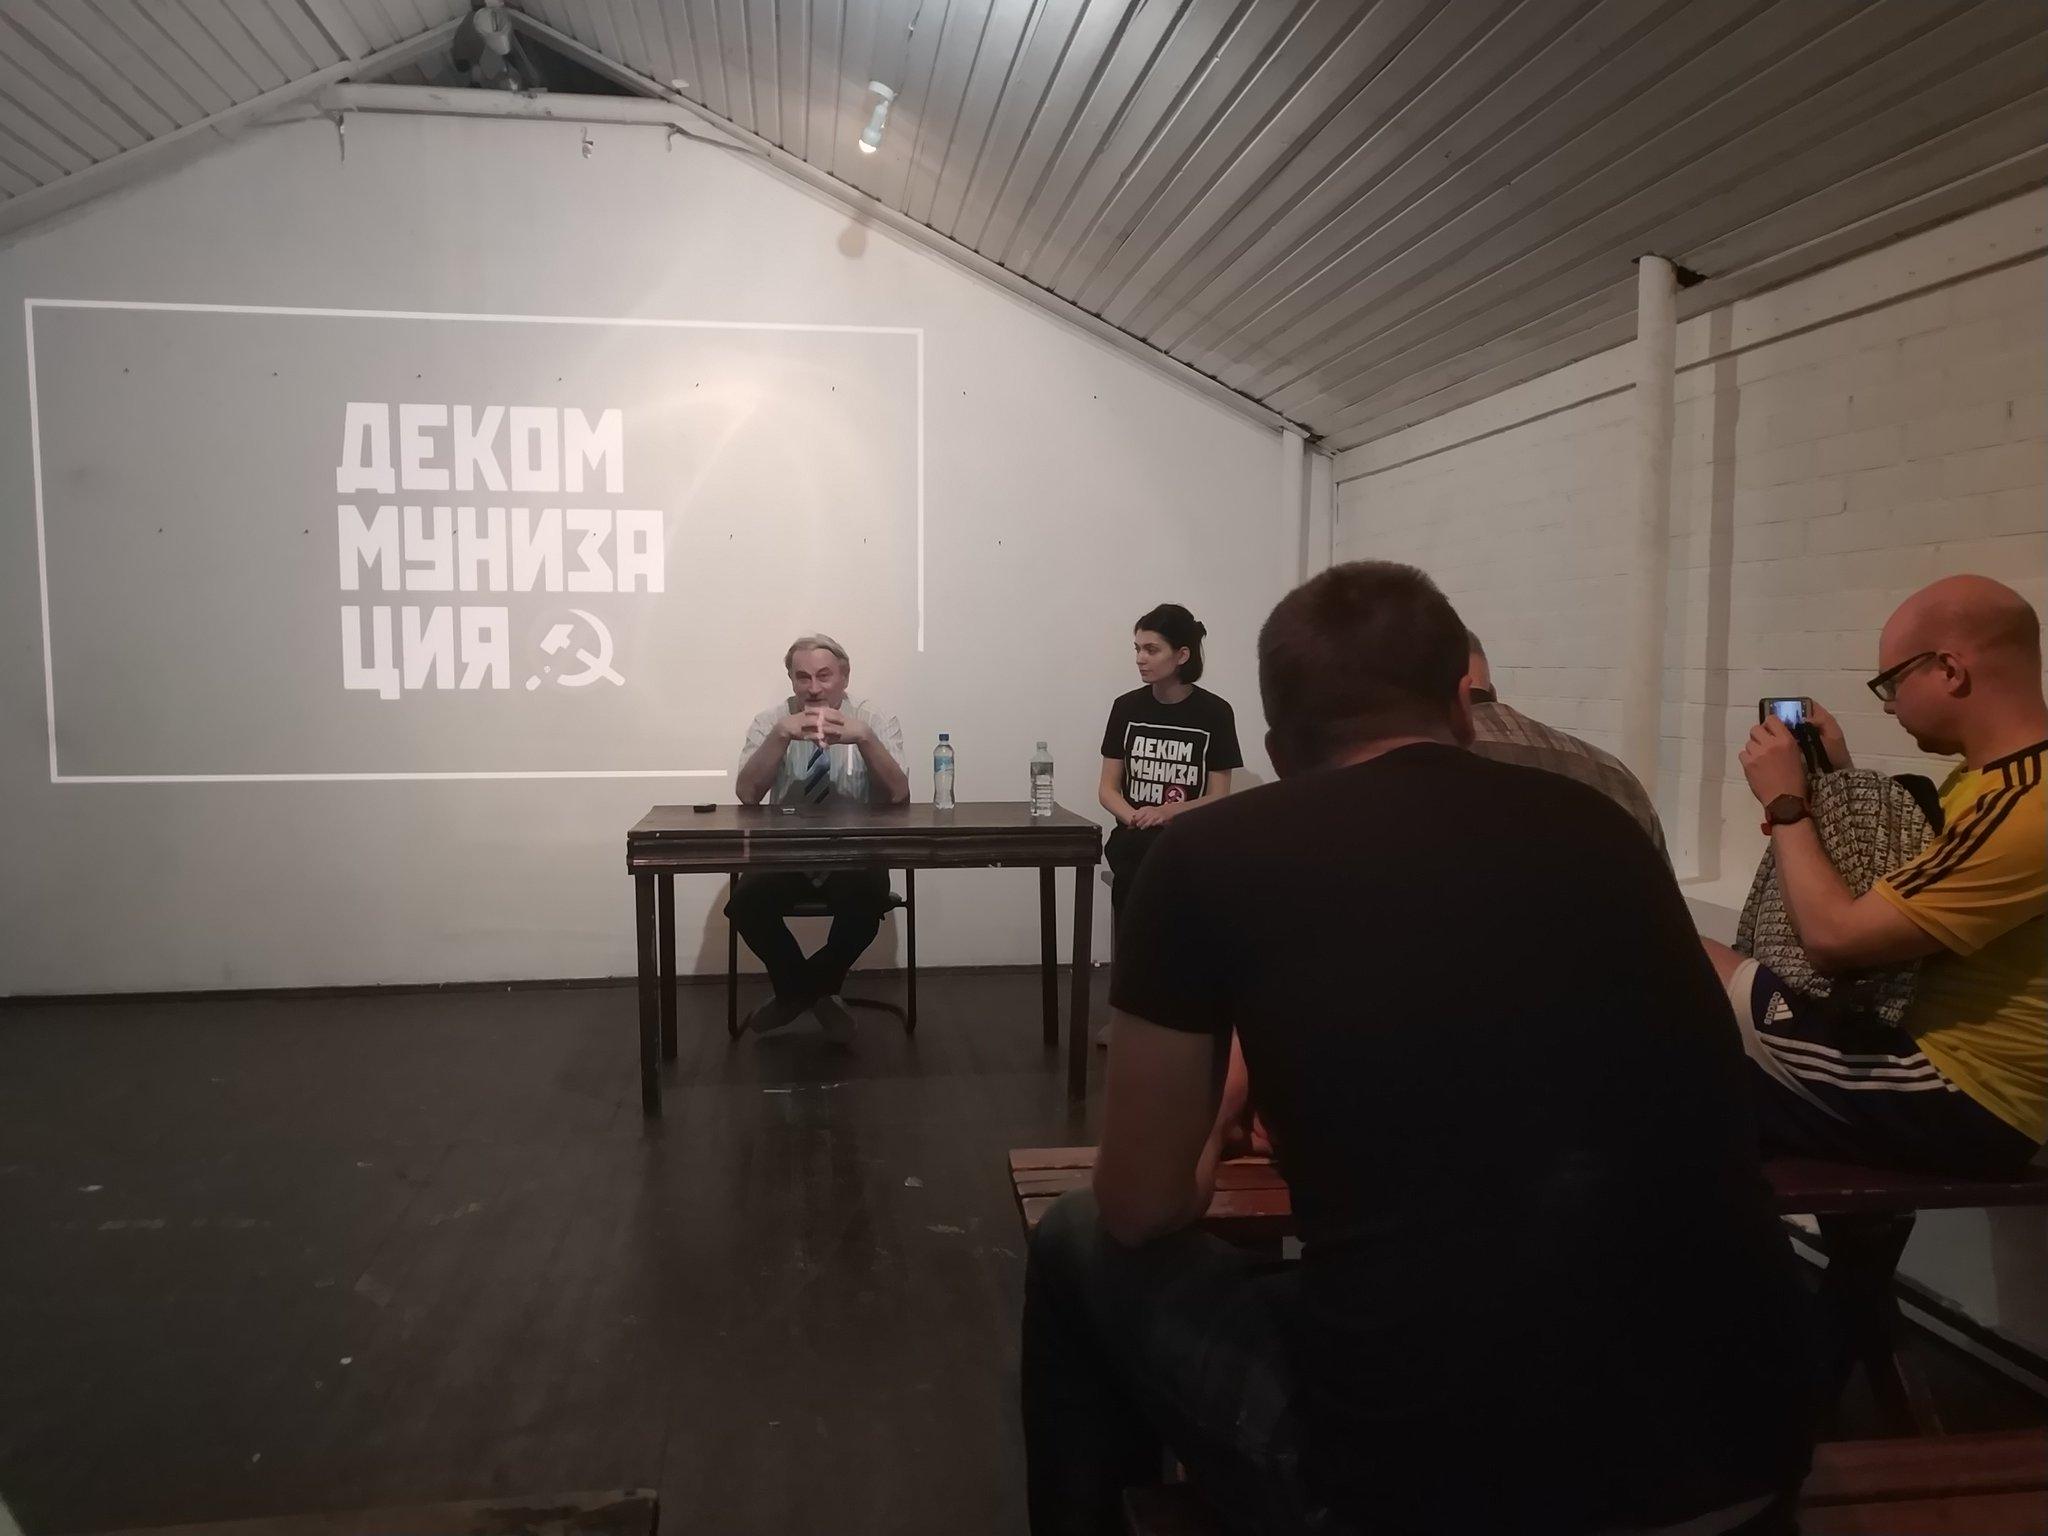 Конференция проекта #декоммунизация, выступает доктор исторических наук Сергей Волков